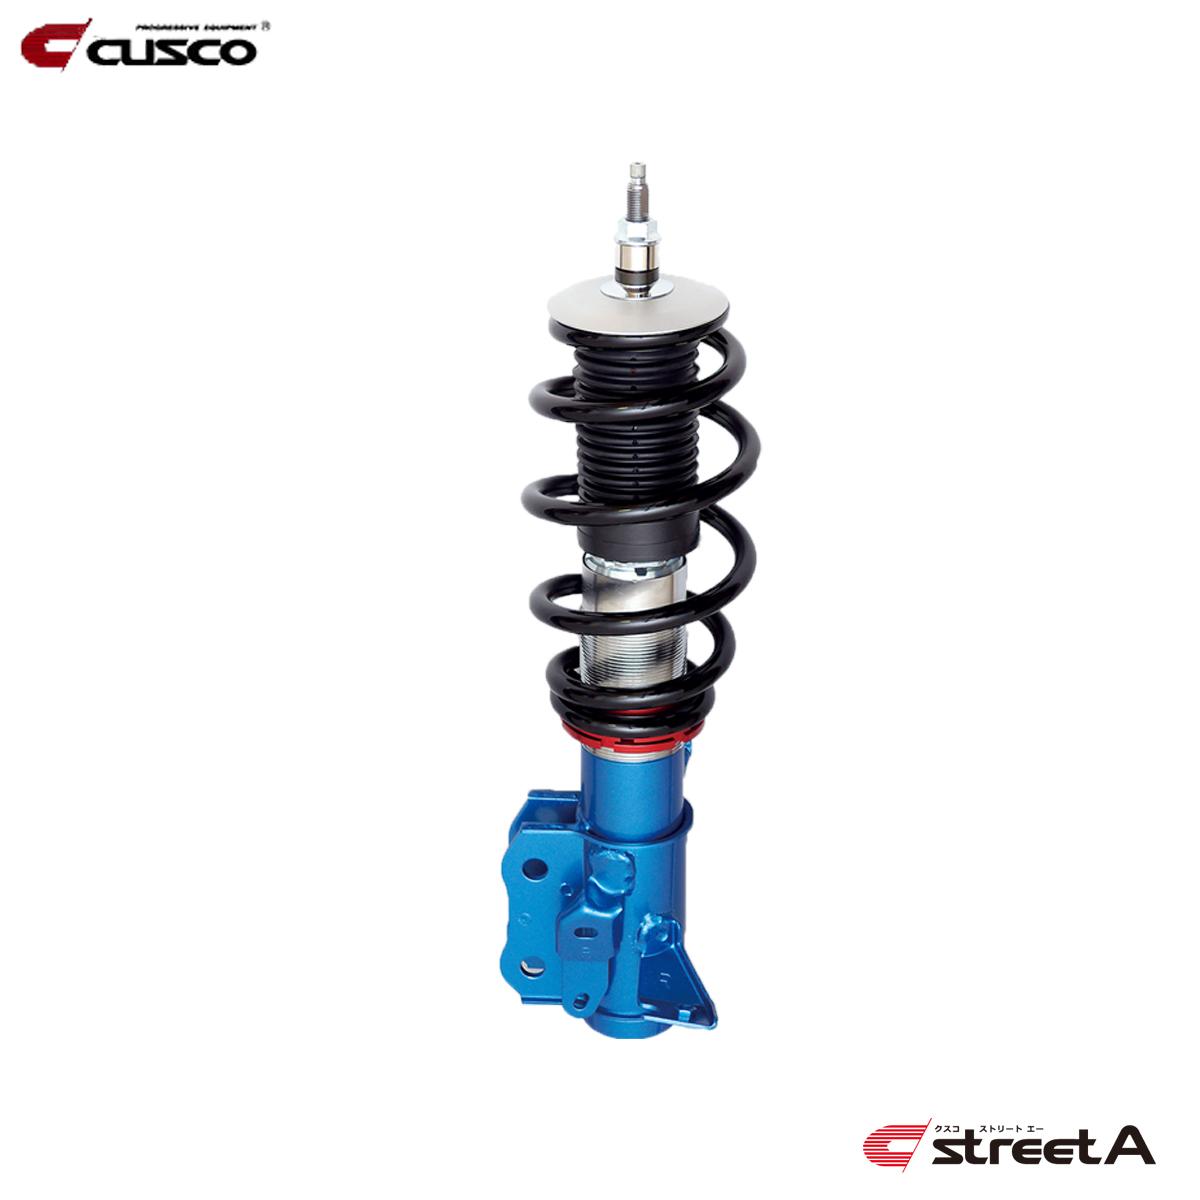 定番 CUSCO クスコ ランサーエボリューション CZ4A 566-61J-CB 車高調 車高調 クスコ 566-61J-CB, スマイルバンド:41cfa8eb --- evirs.sk